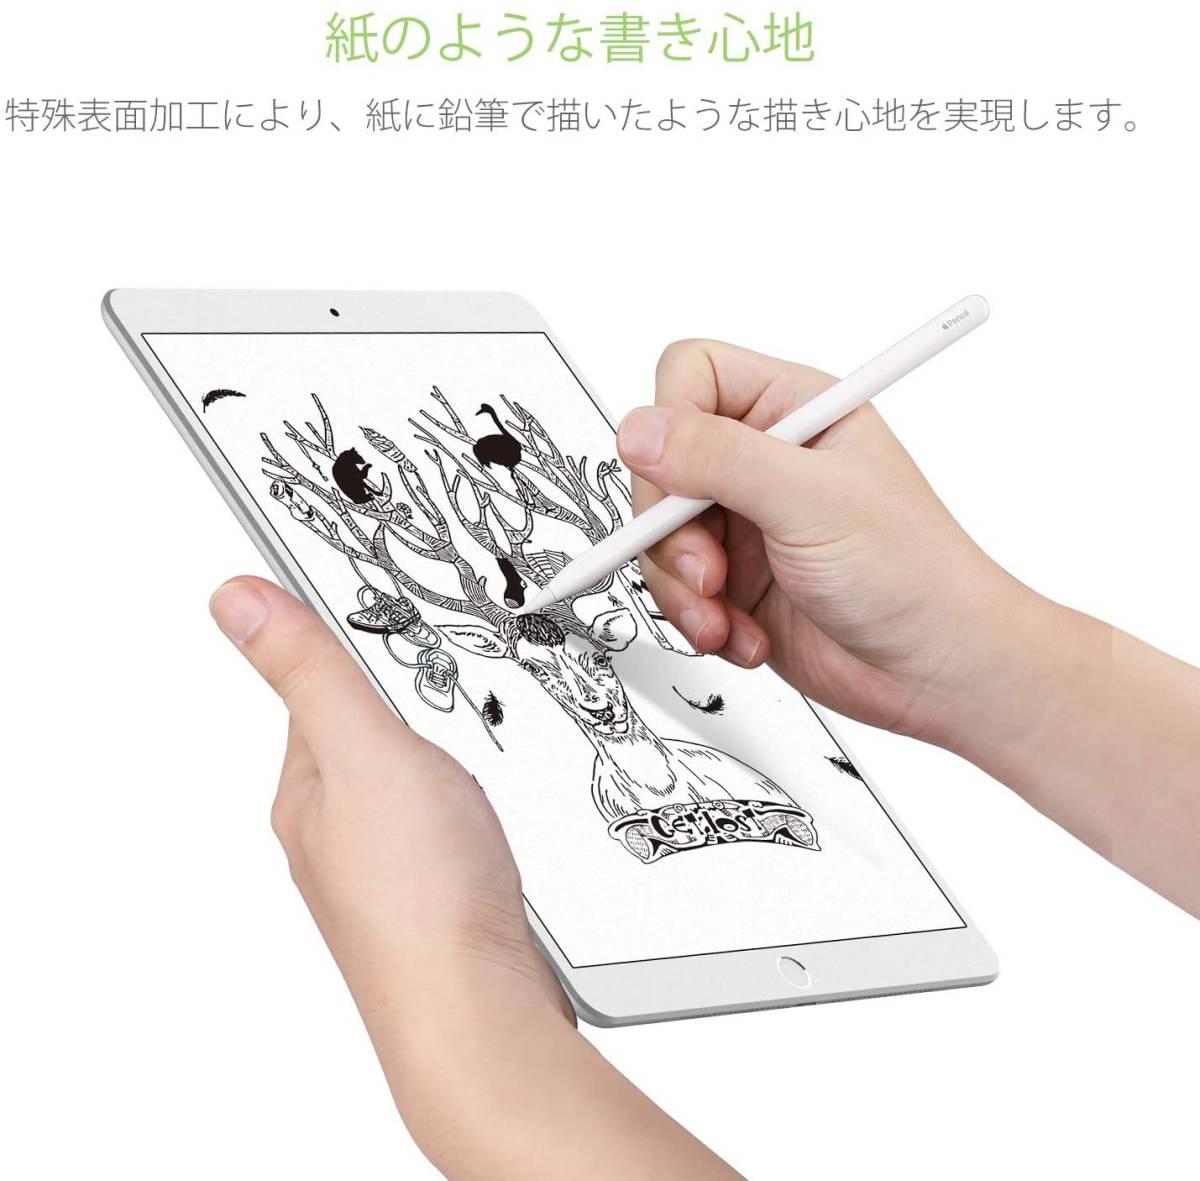 【ガイド枠付き】 iPad 10.2 用 ペーパーライク フィルム 箱キズあり_画像3